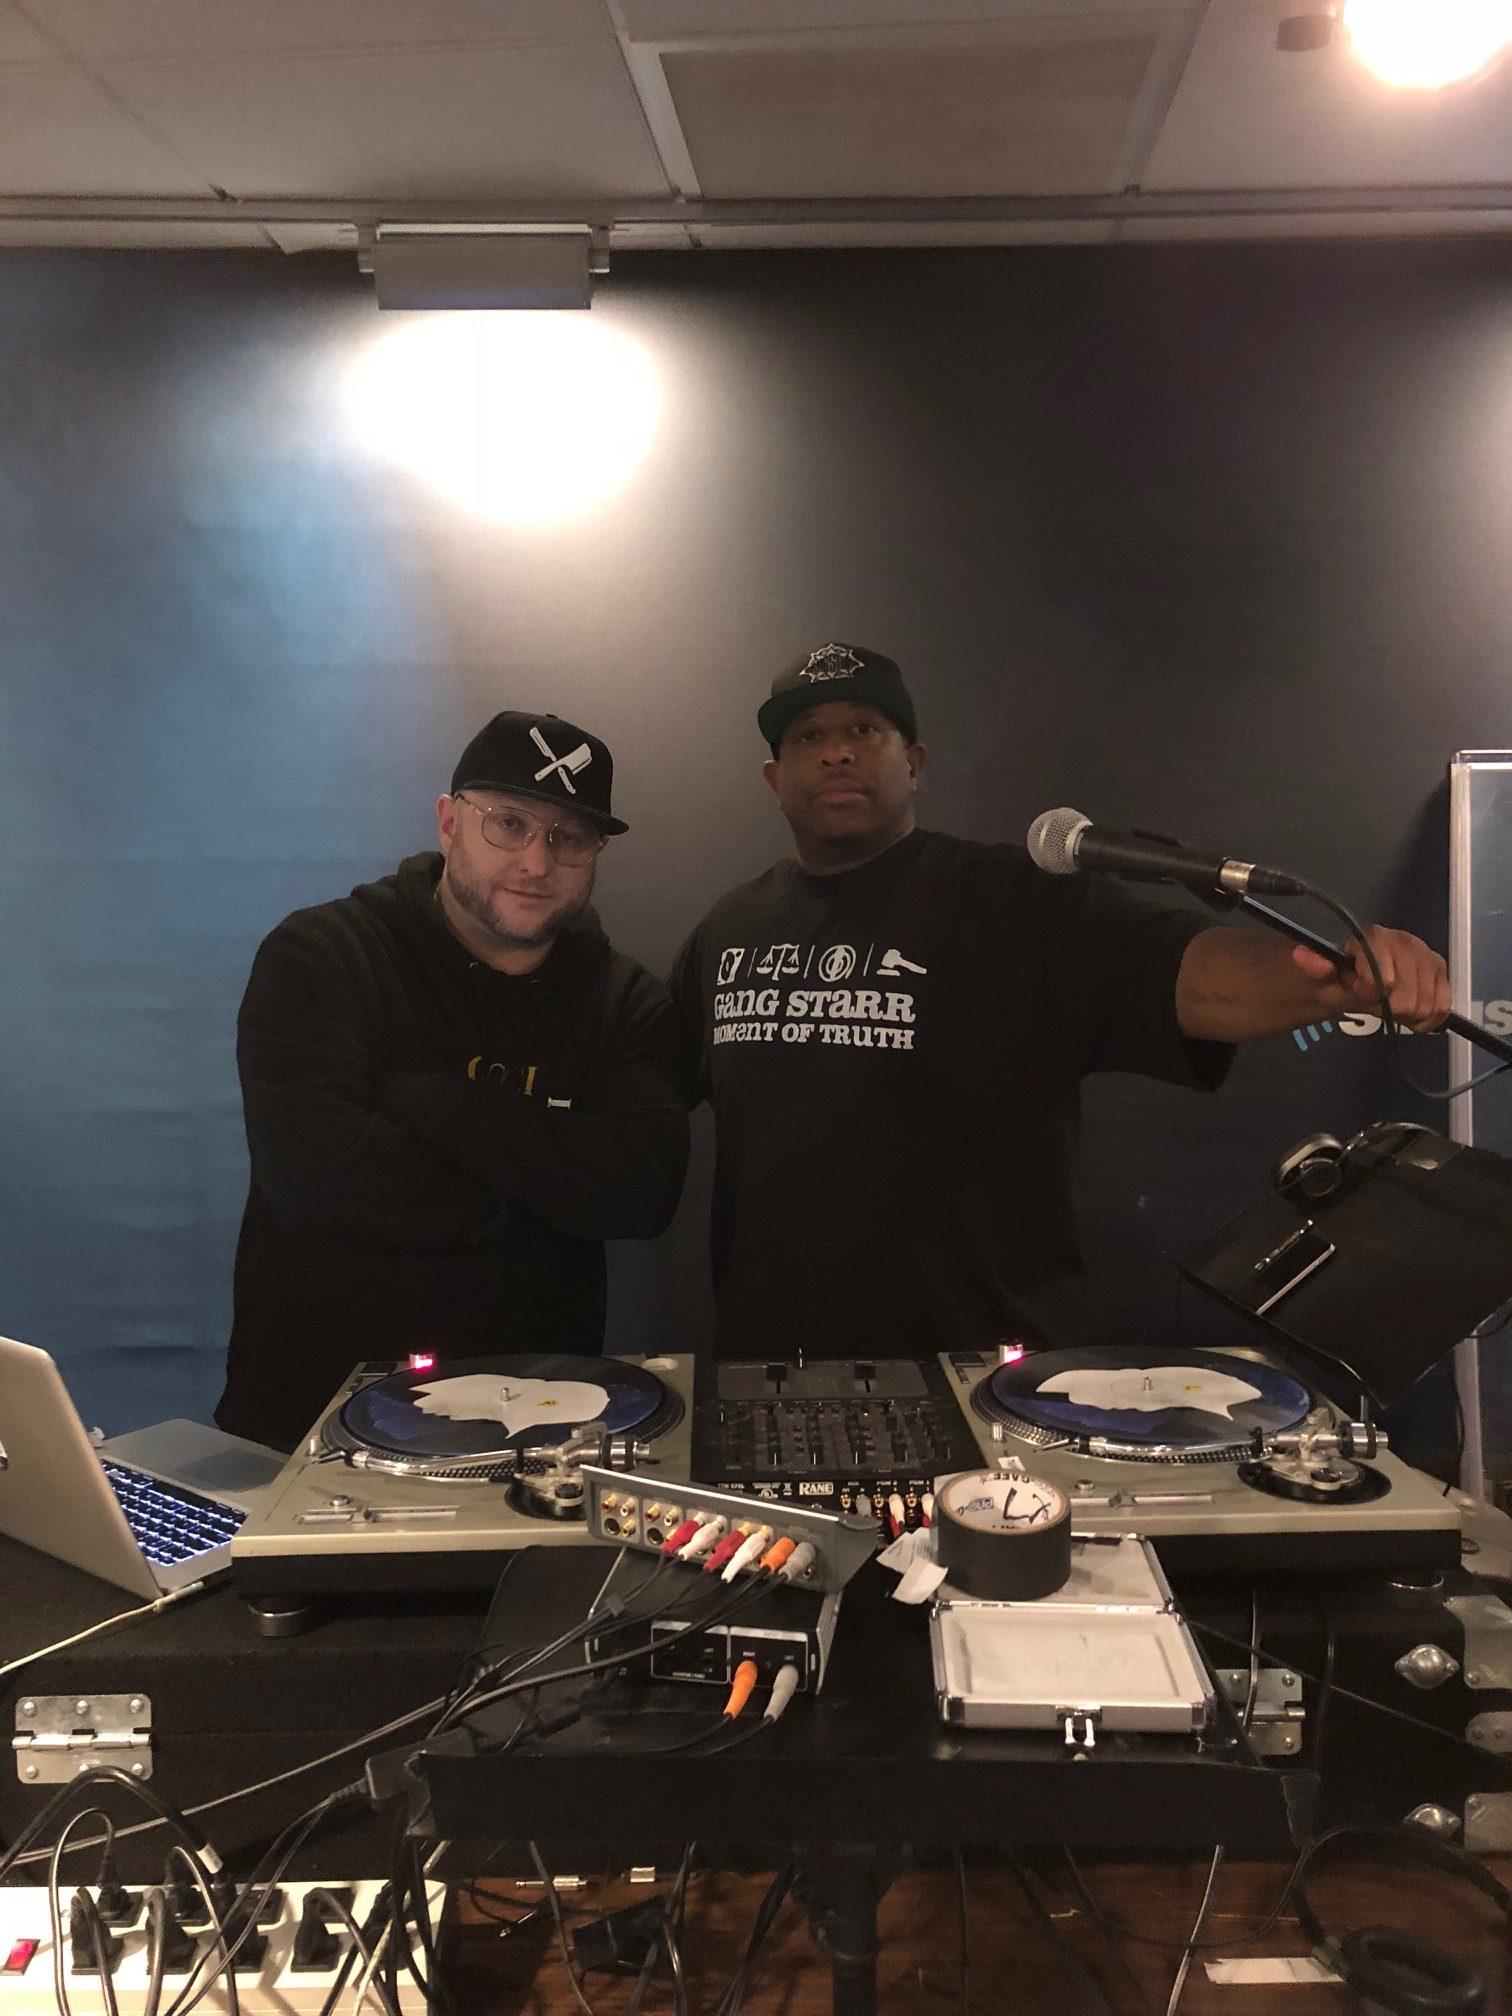 DJ PREMIER - LIVE FROM HEADQCOURTERZ RADIO SHOW PLAYLISTS